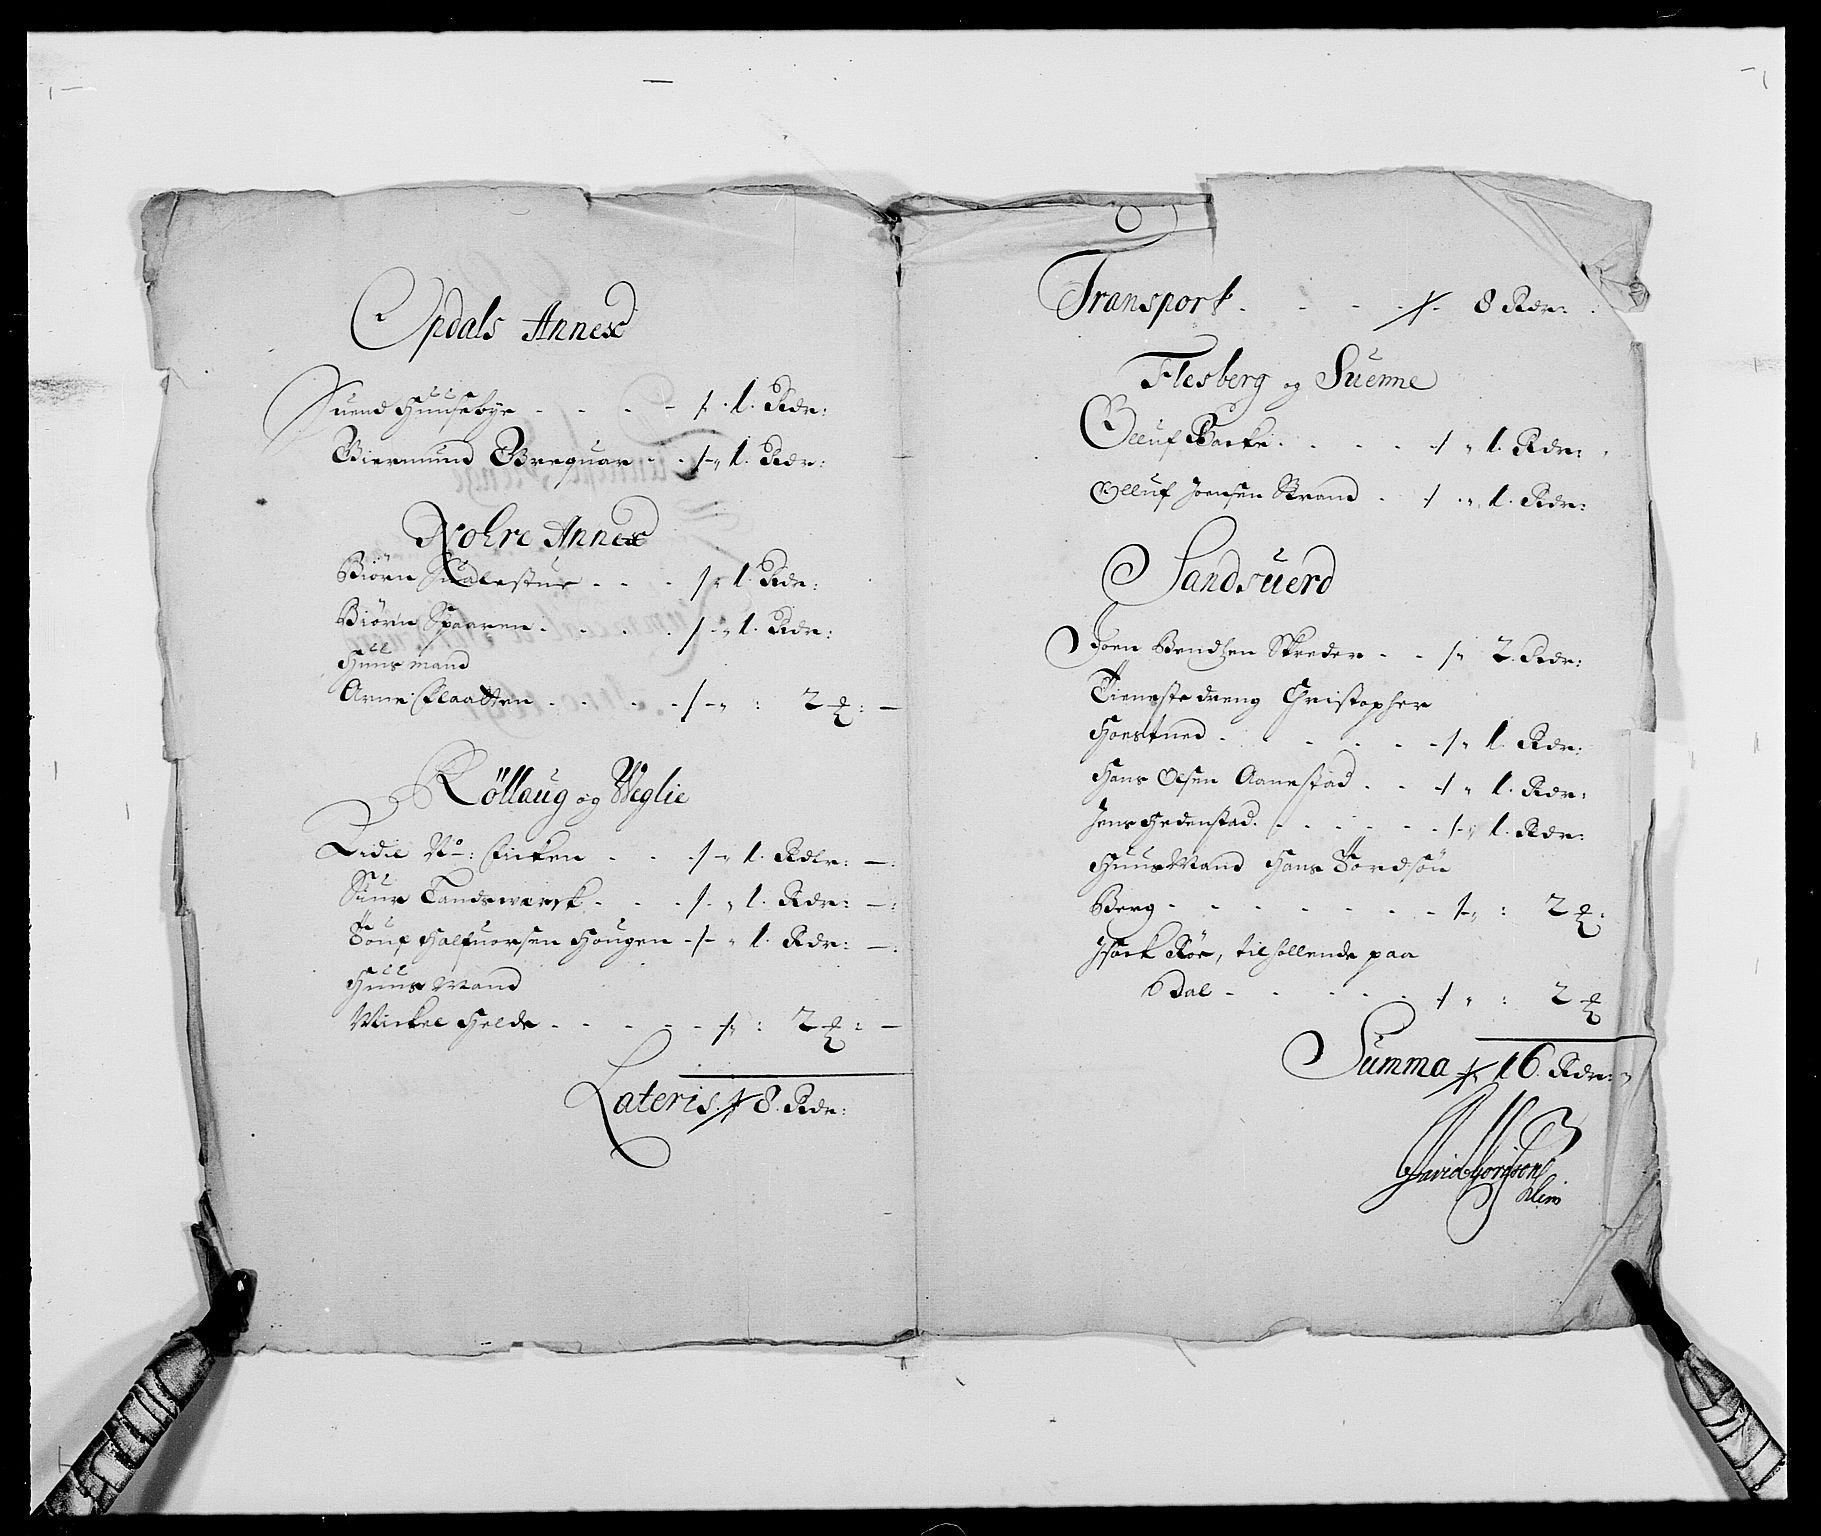 RA, Rentekammeret inntil 1814, Reviderte regnskaper, Fogderegnskap, R24/L1573: Fogderegnskap Numedal og Sandsvær, 1687-1691, s. 515